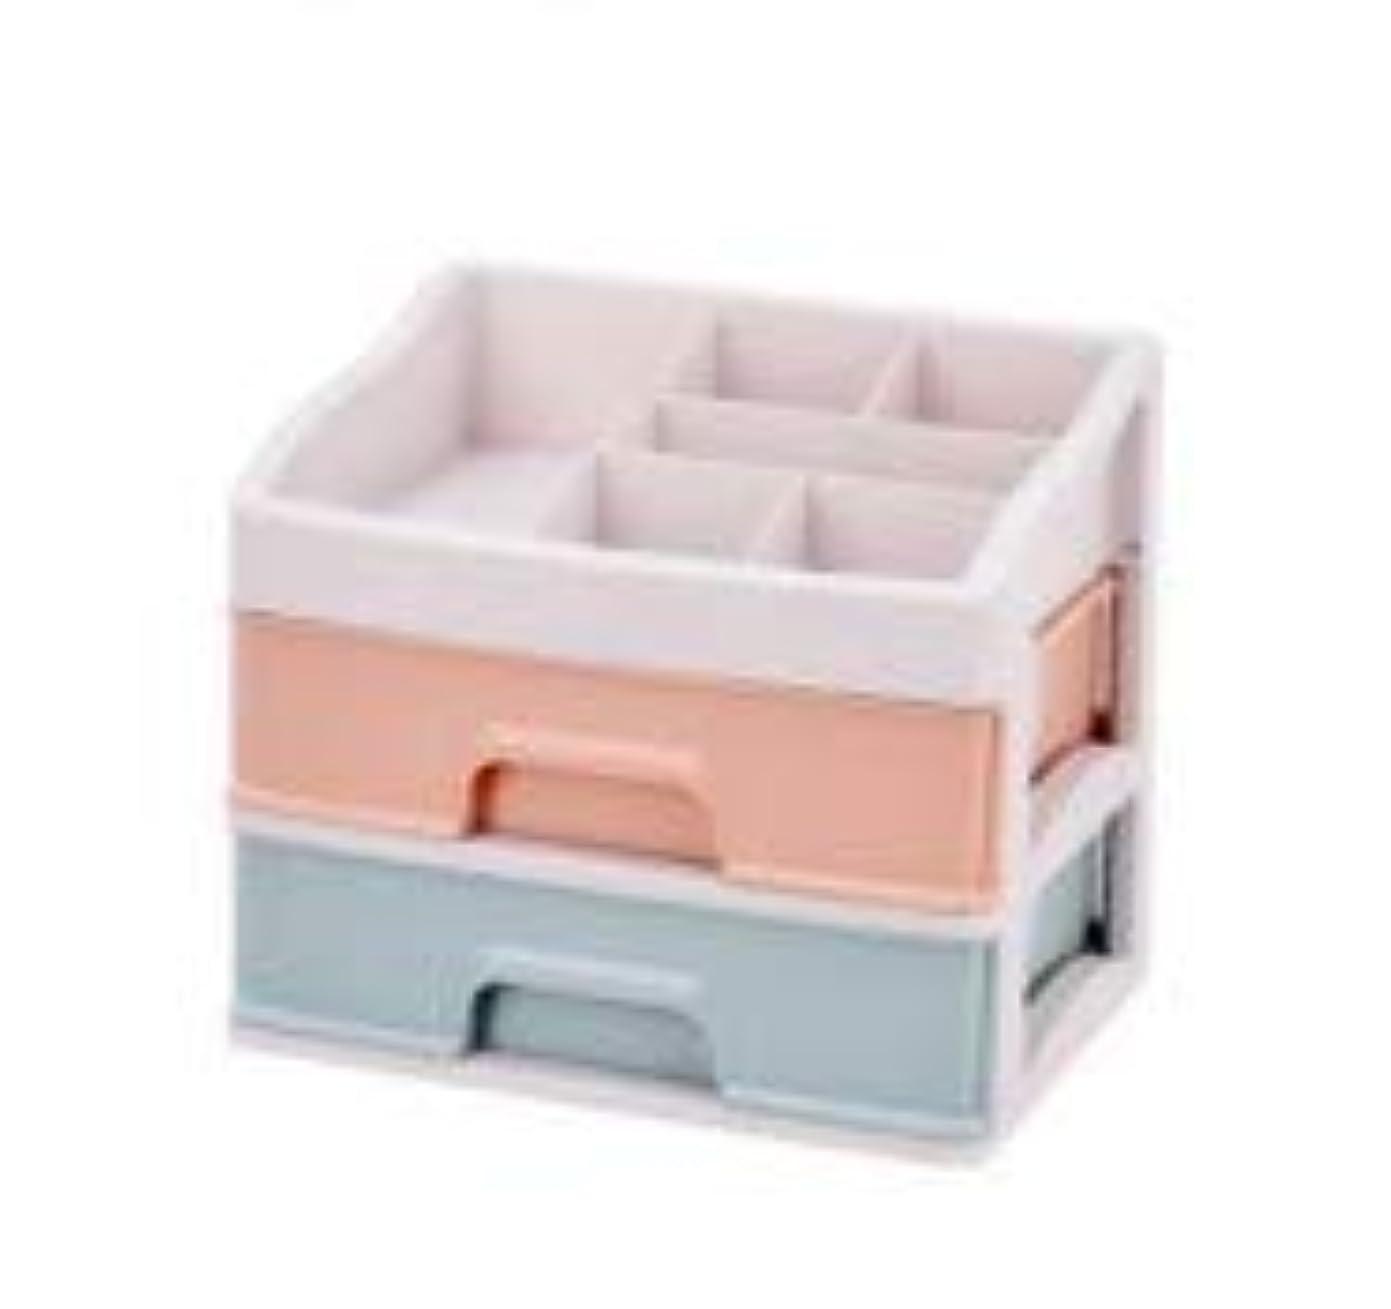 割る感謝憤る化粧品収納ボックス引き出しデスクトップ収納ラック化粧台化粧品ケーススキンケア製品 (Size : M)